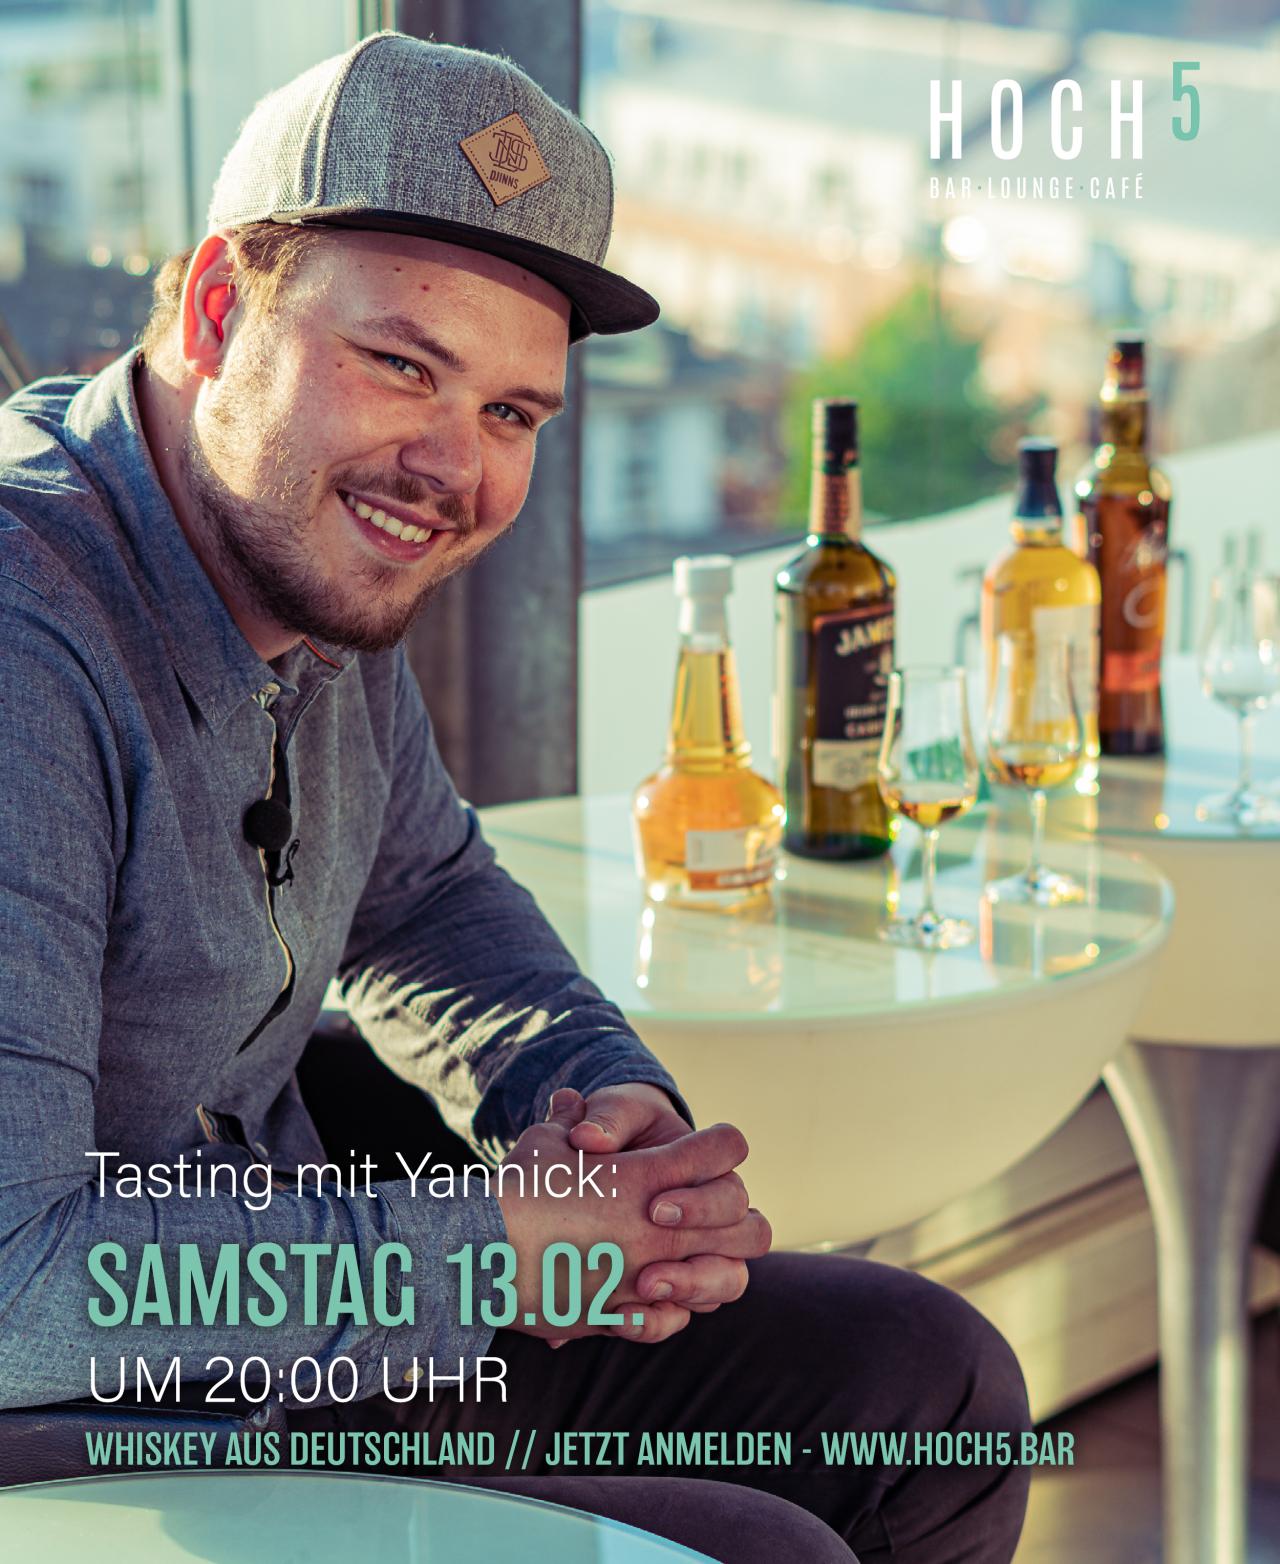 Tasting Mit Yannick – Whiskey Aus Deutschland Inkl. Tasting-Glas *BASIC*